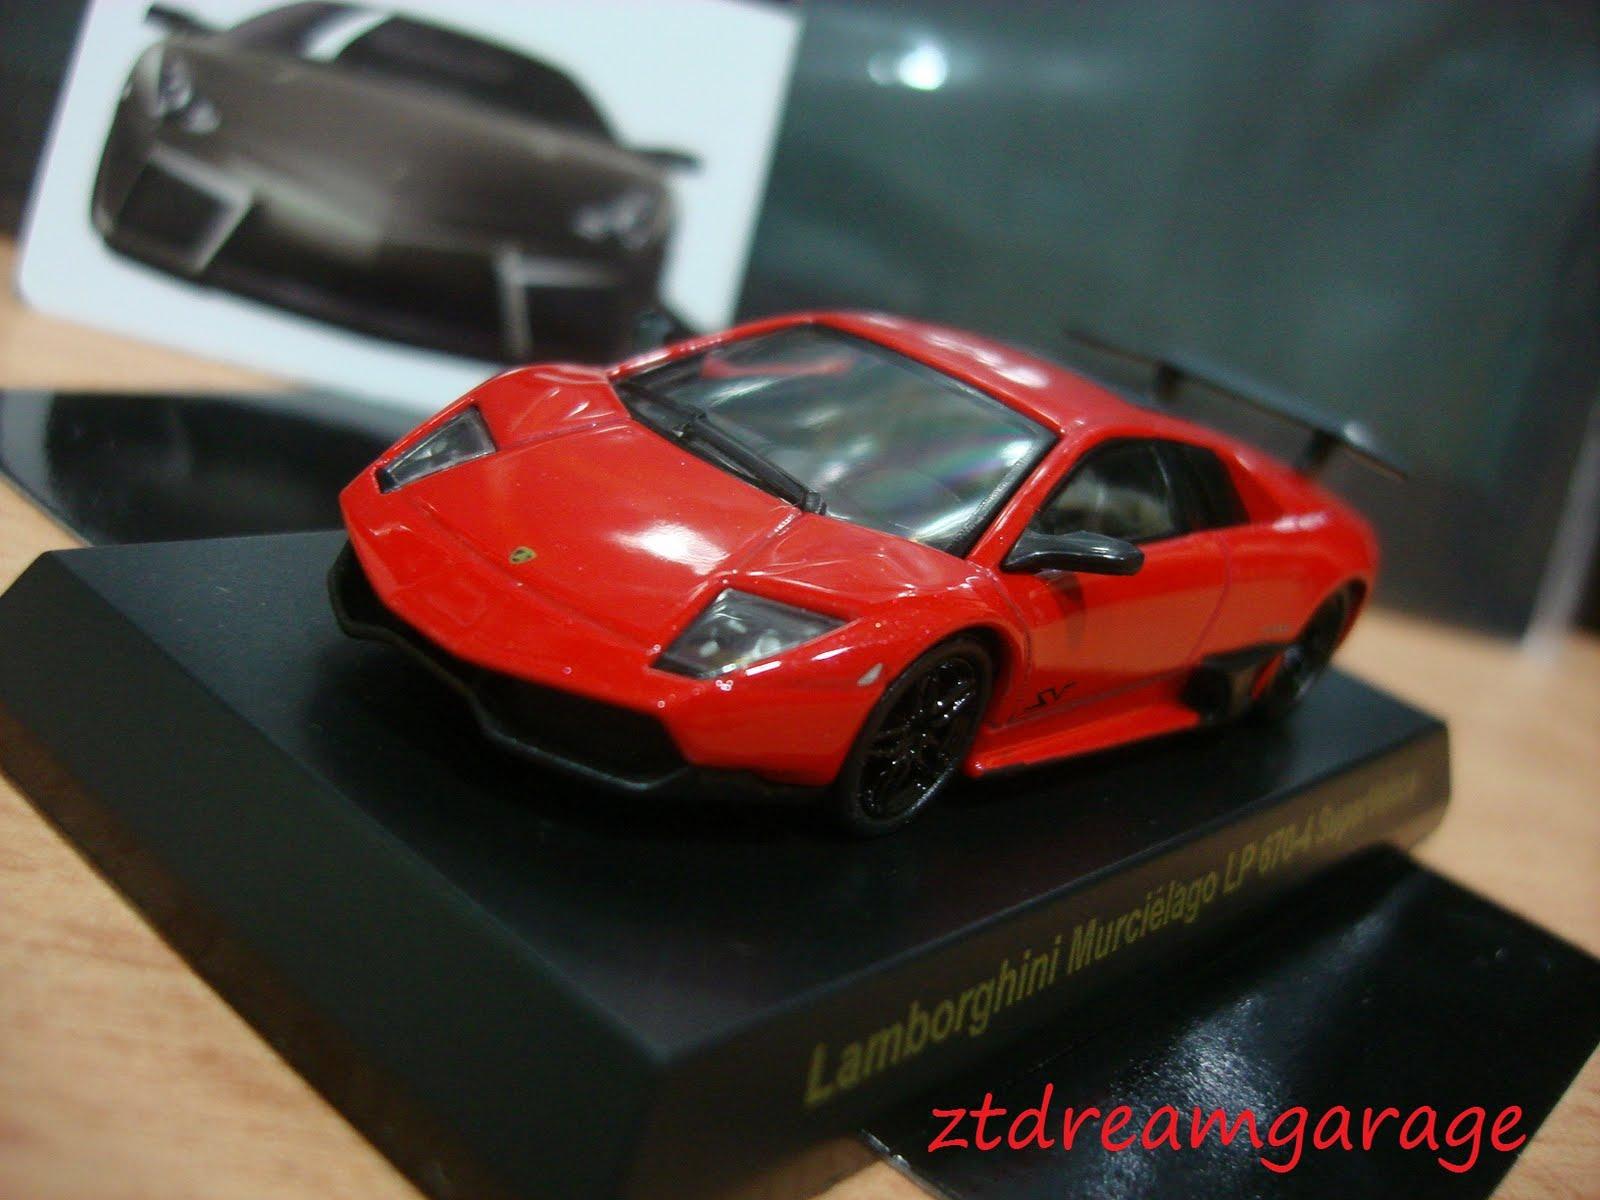 Zt S Dream Garage Red Lp670 4 Superveloce